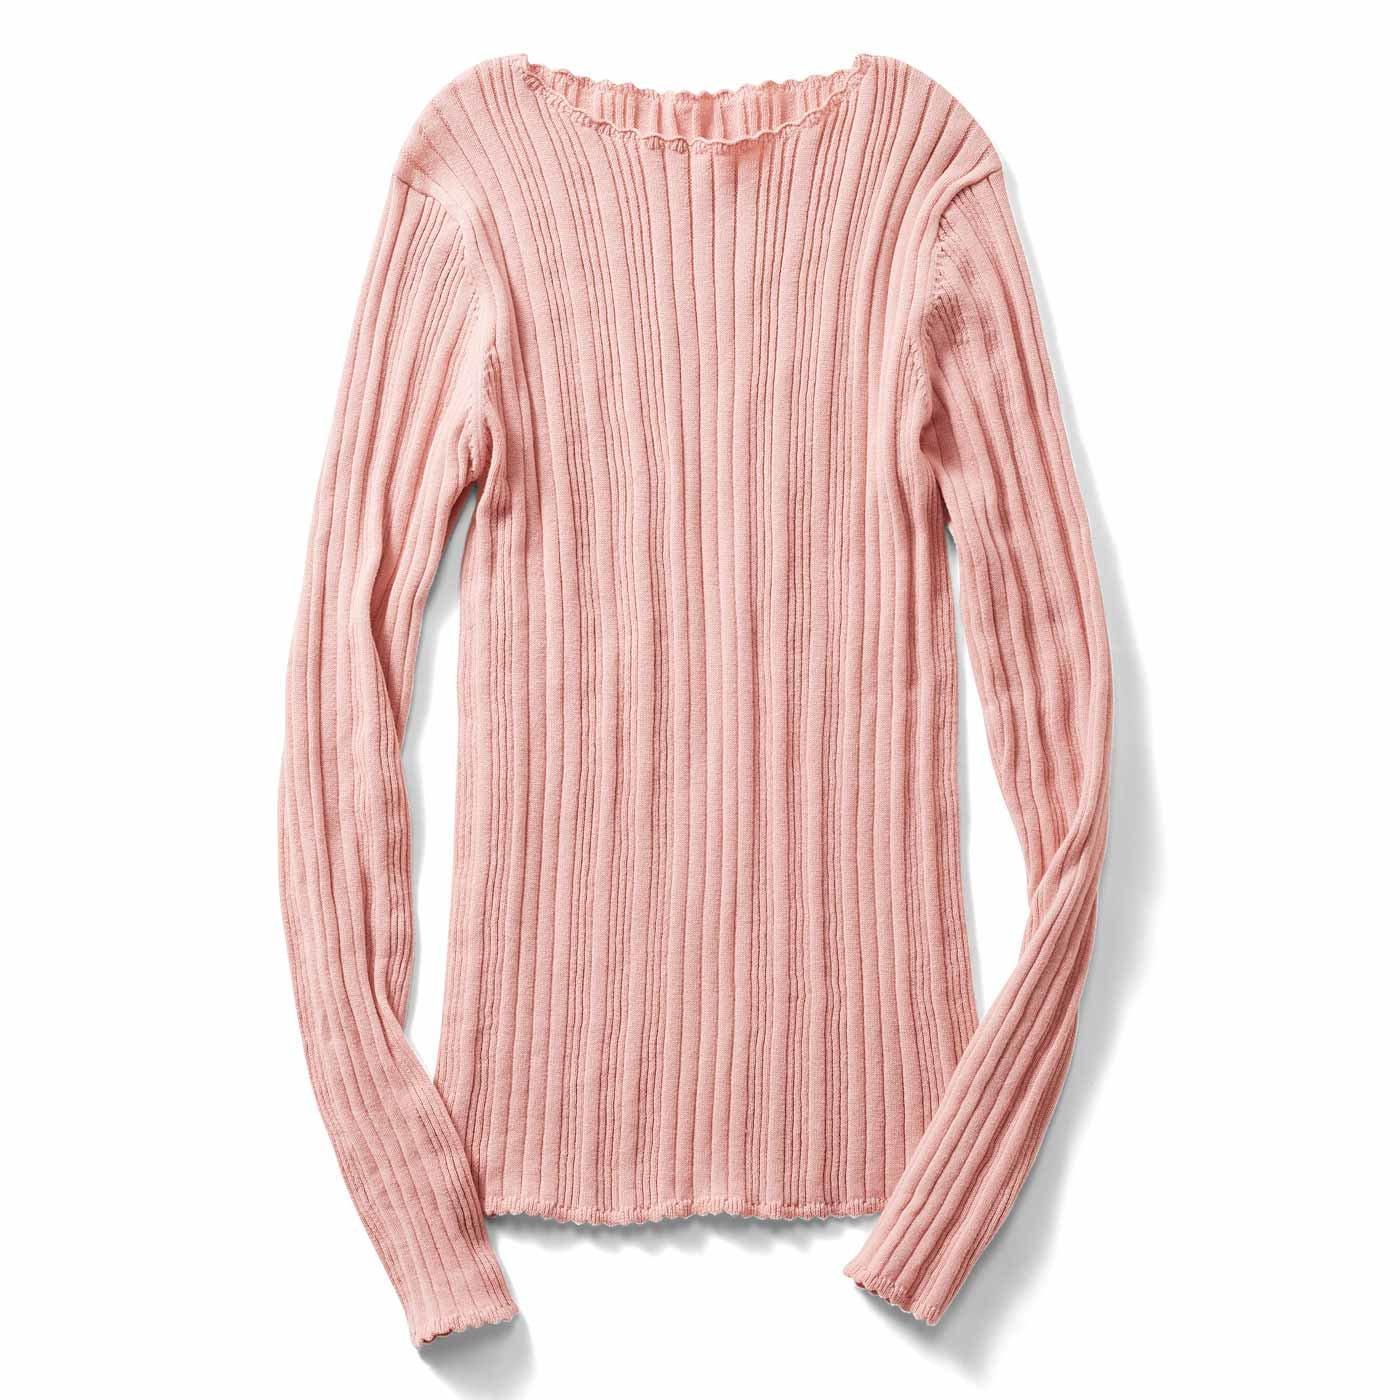 IEDIT[イディット] ランダムリブが華奢見えをかなえる ピコ付きコットンニット〈ピンク〉